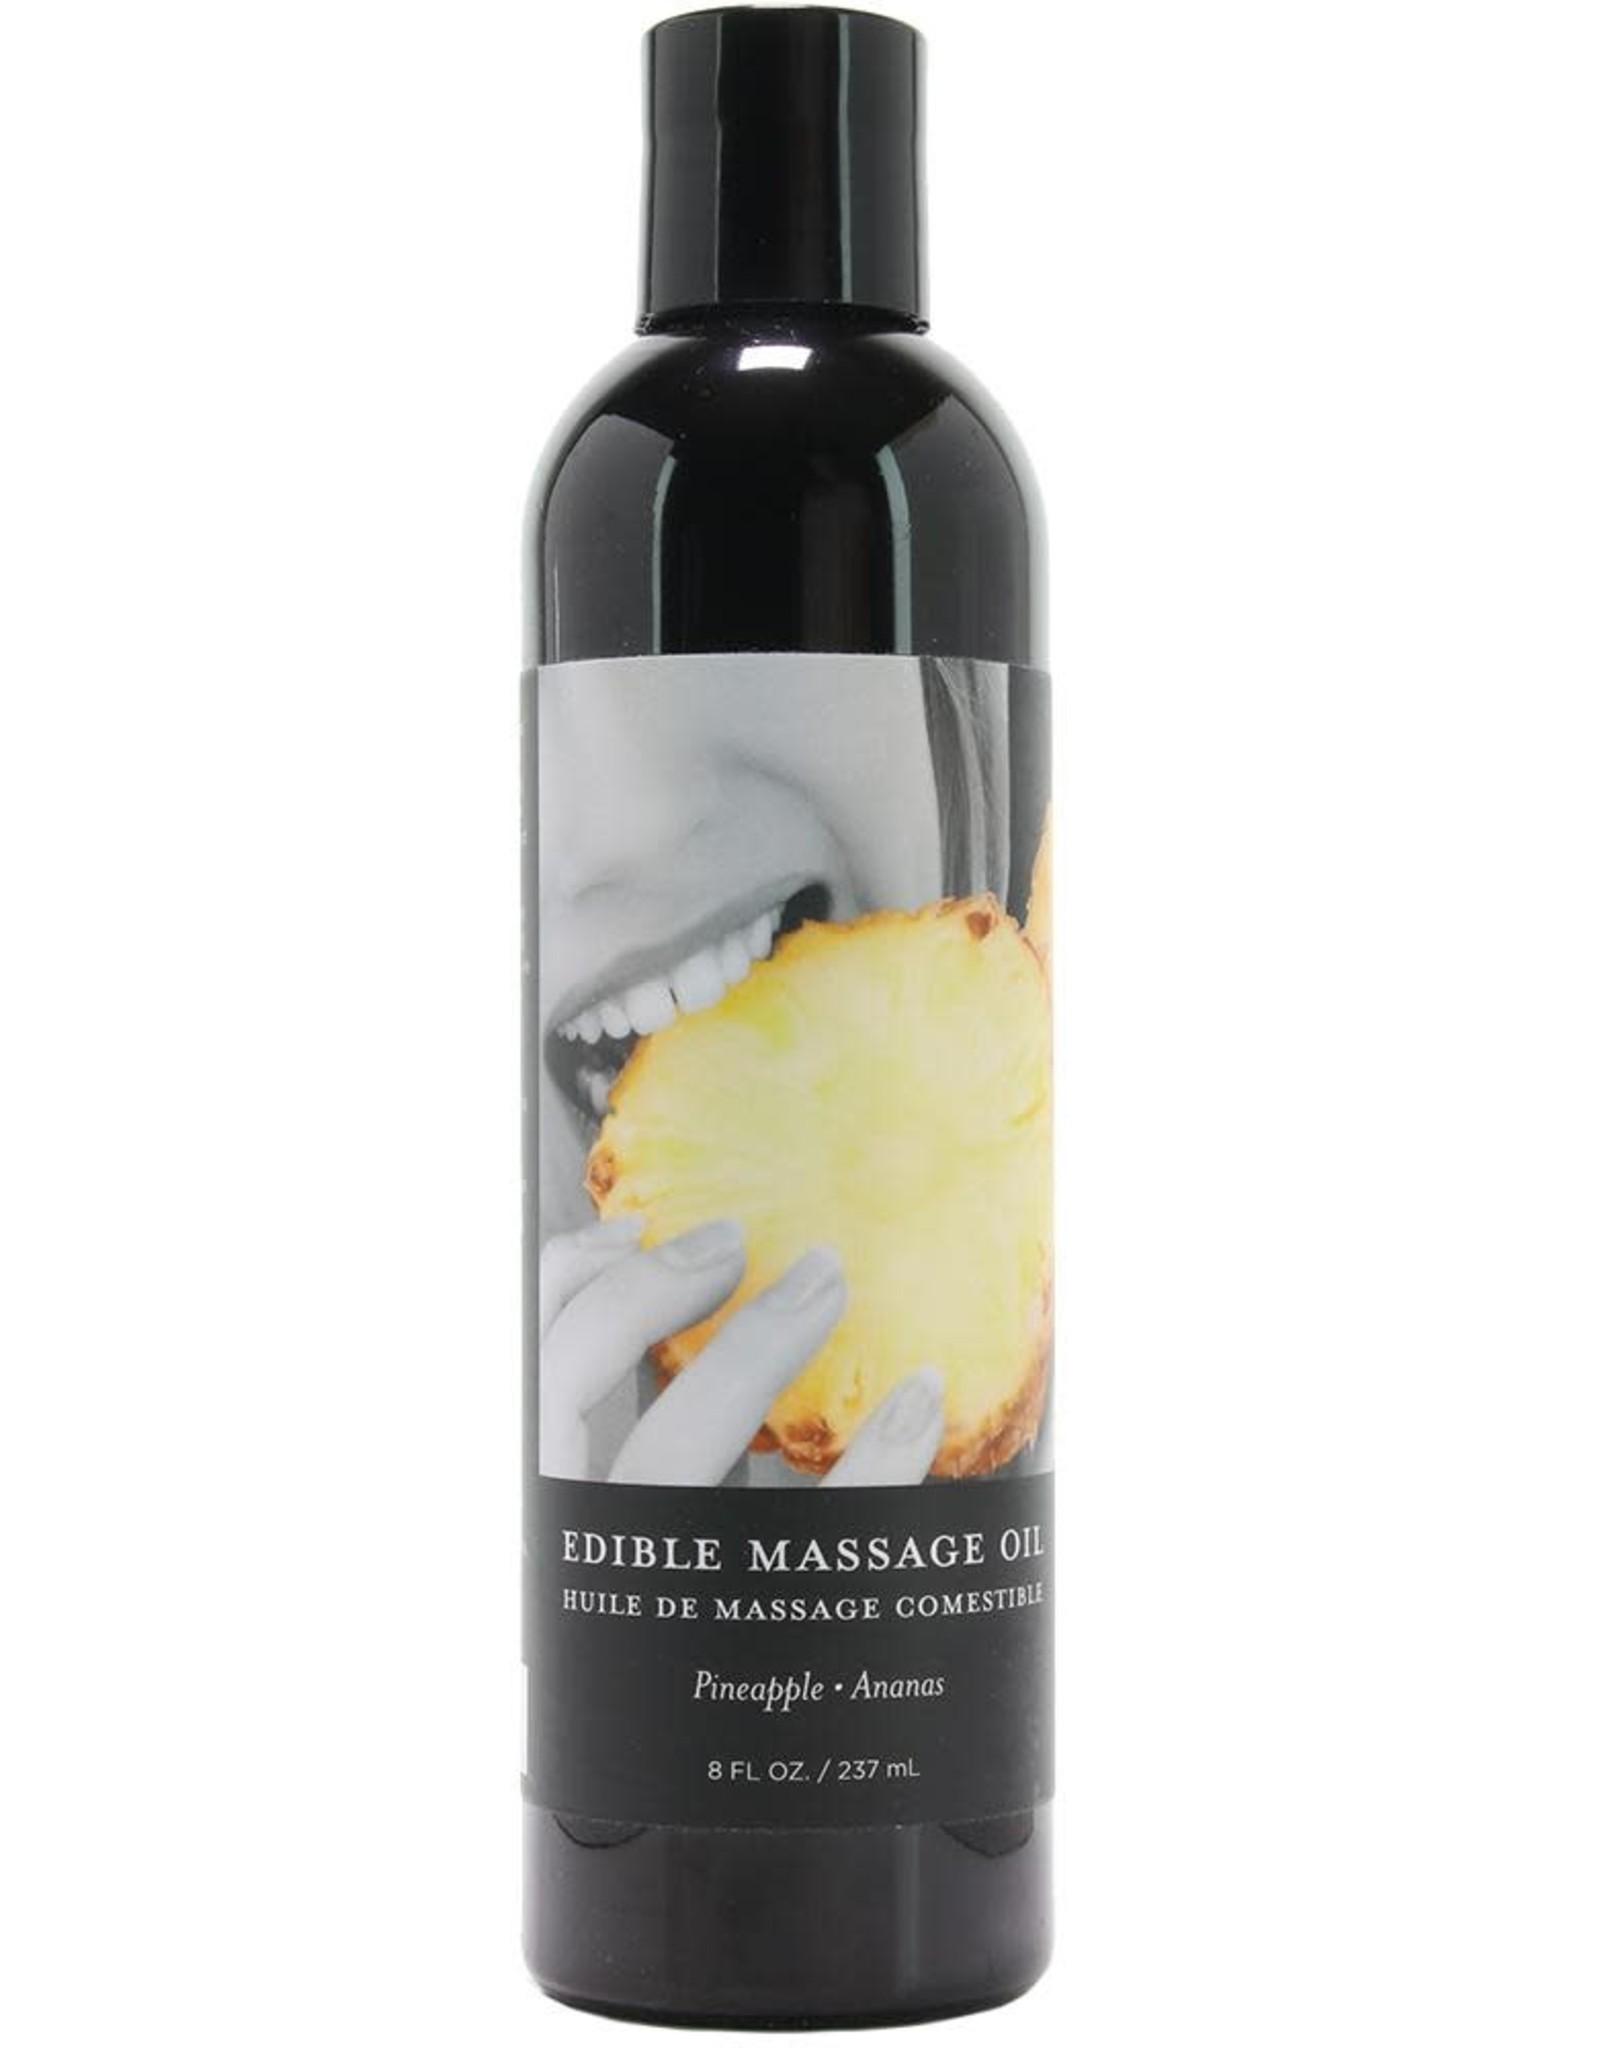 Earthly Body Earthly Body - Edible Massage Oil - Pineapple - 8oz